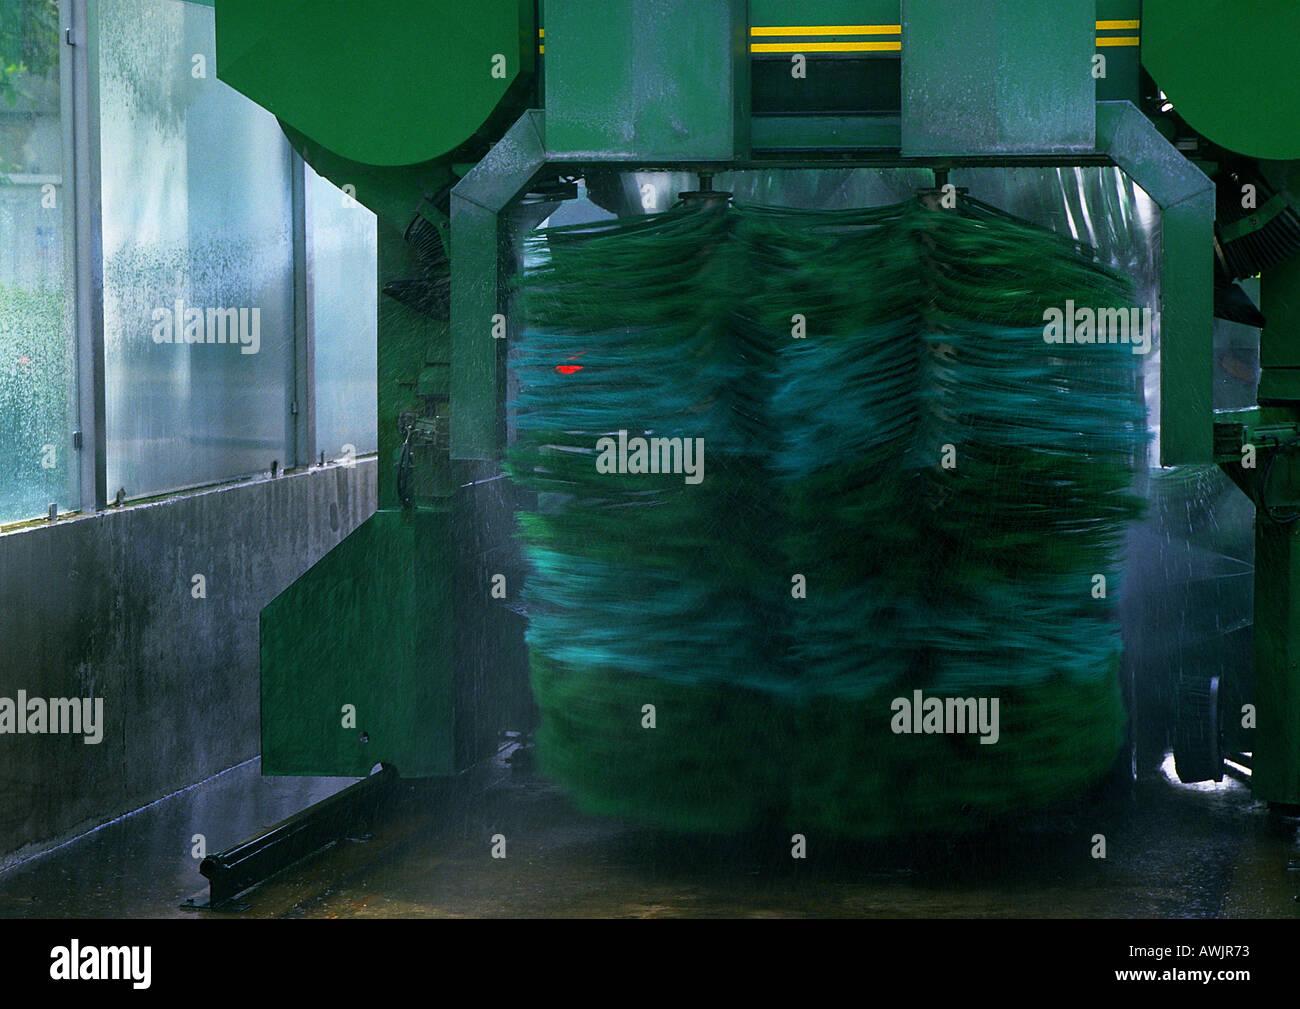 Automatic carwash - Stock Image